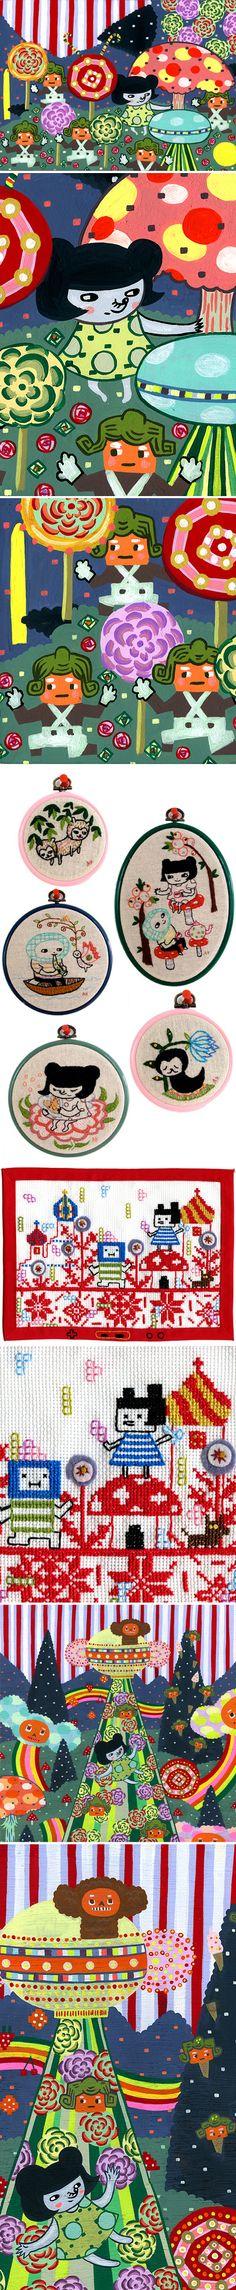 Aya Kakeda - paintings, and embroidery <3 x2